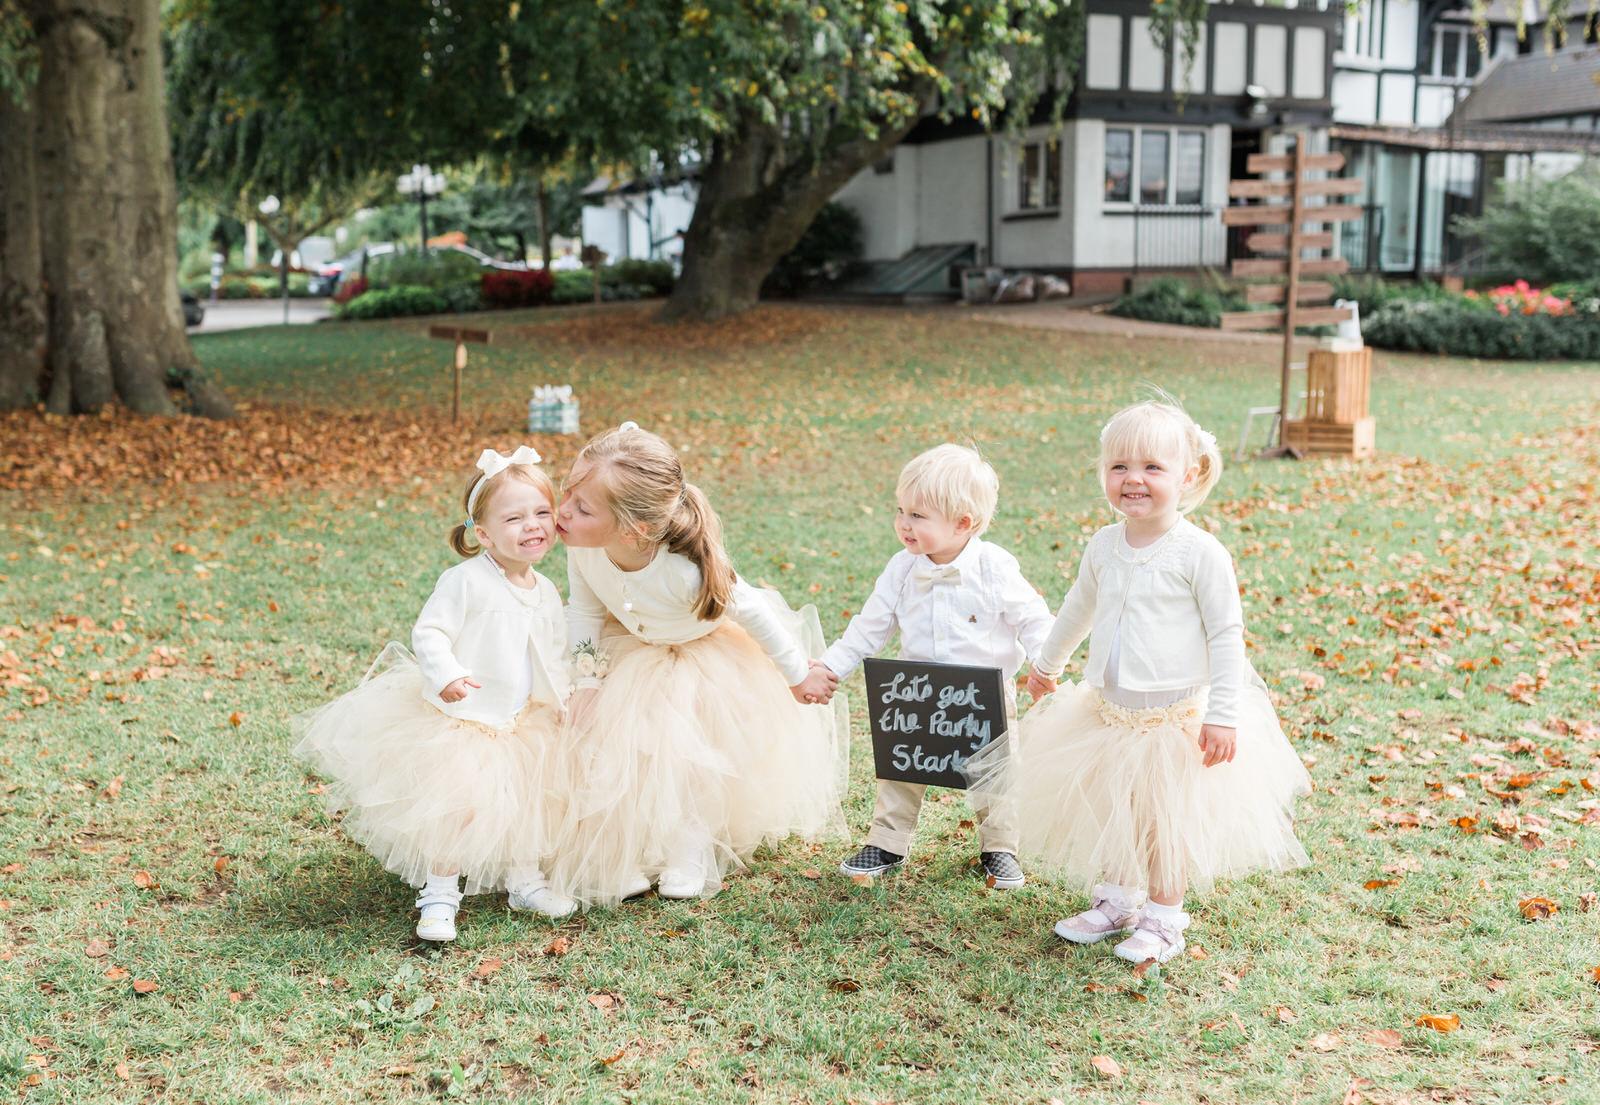 Sunshine Coast Vancouver Wedding Photographer, Pointhouse Wedding, Jennifer Picard